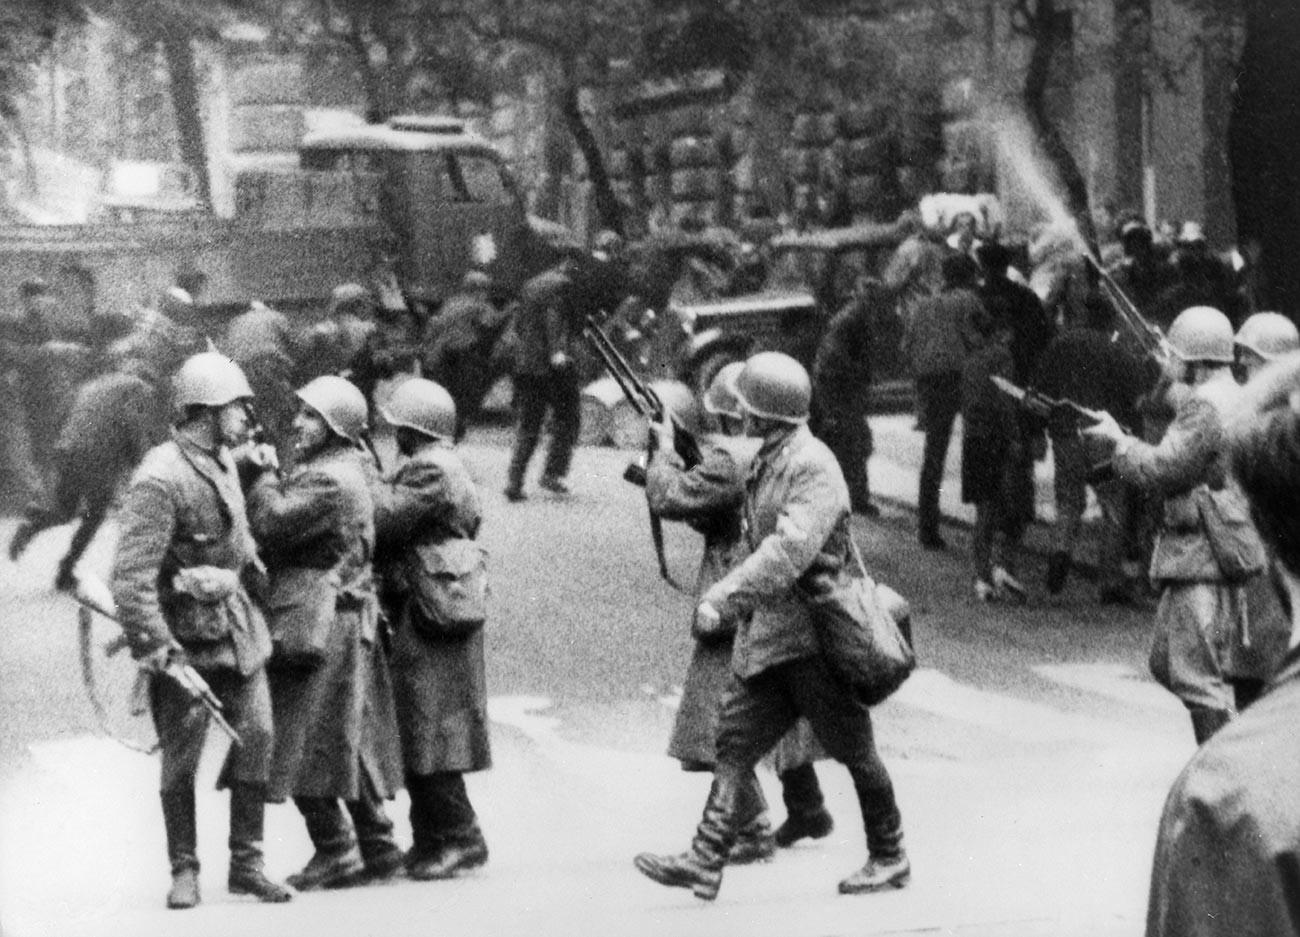 Pasukan Organisasi Perjanjian Warsawa di Praha, 1968.